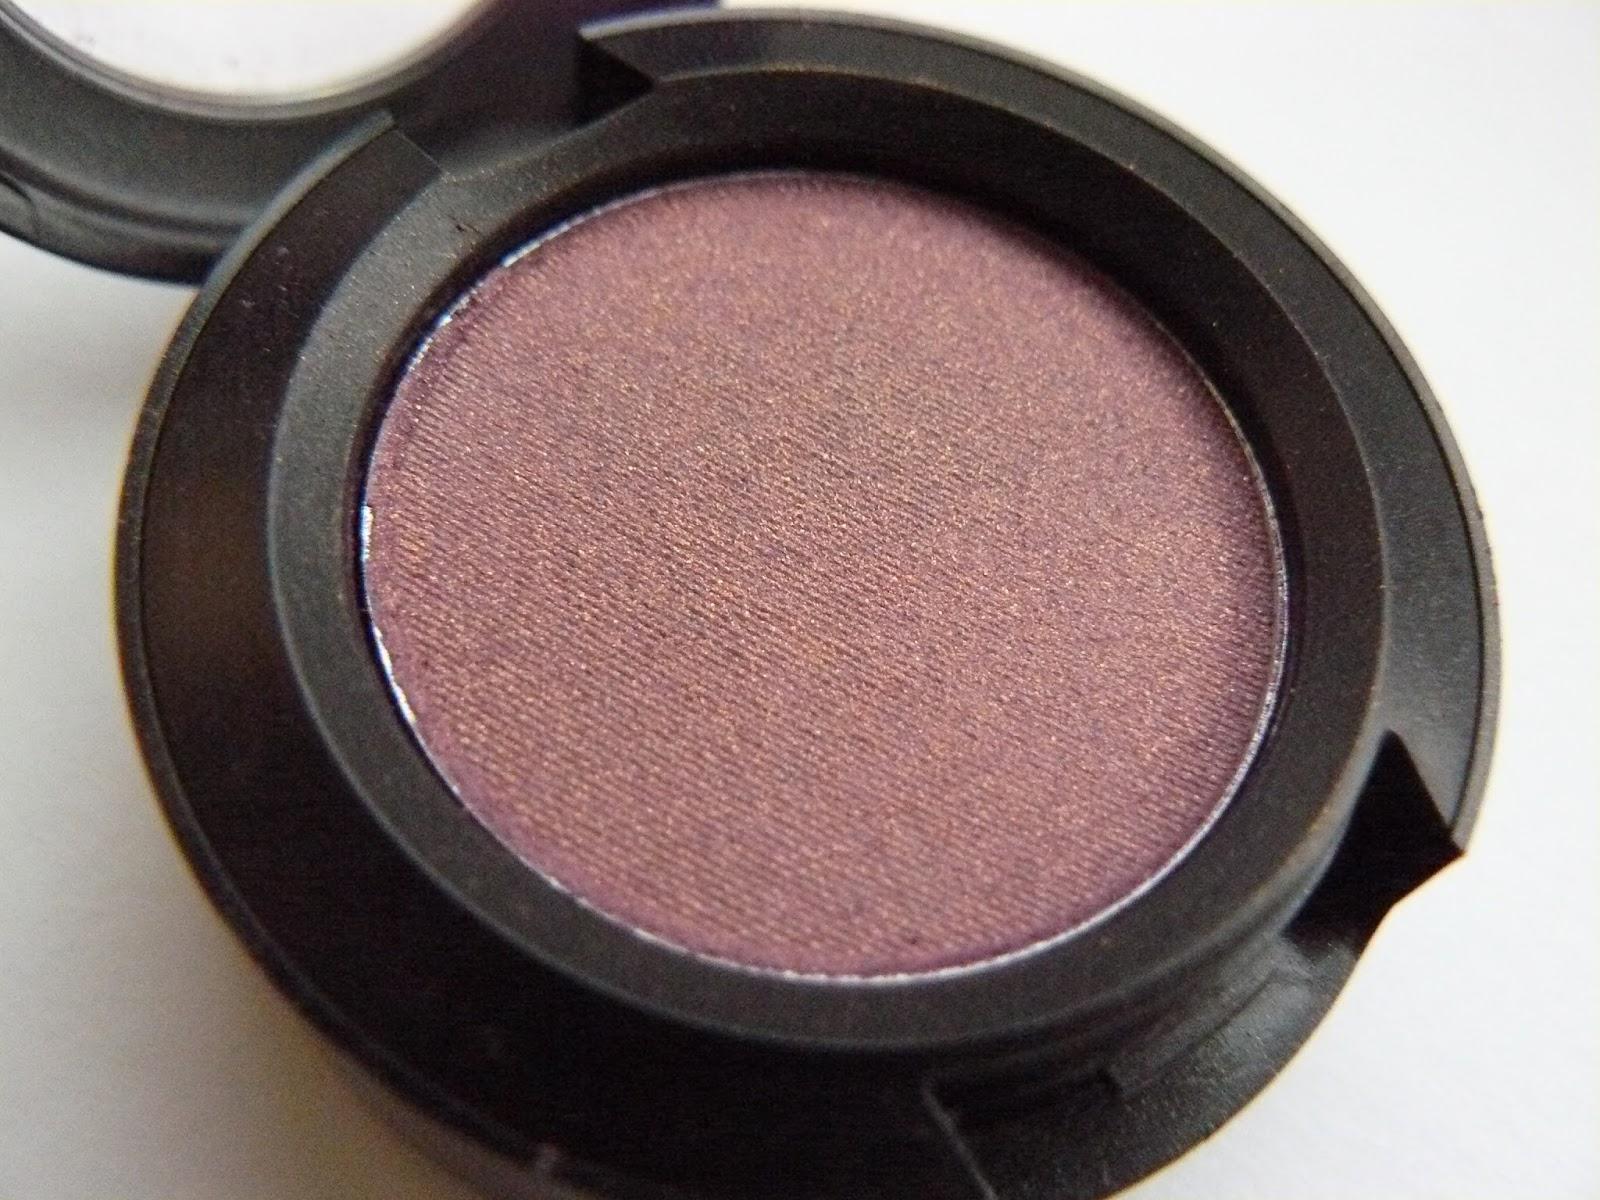 mac trax eyeshadow dupe - photo #24